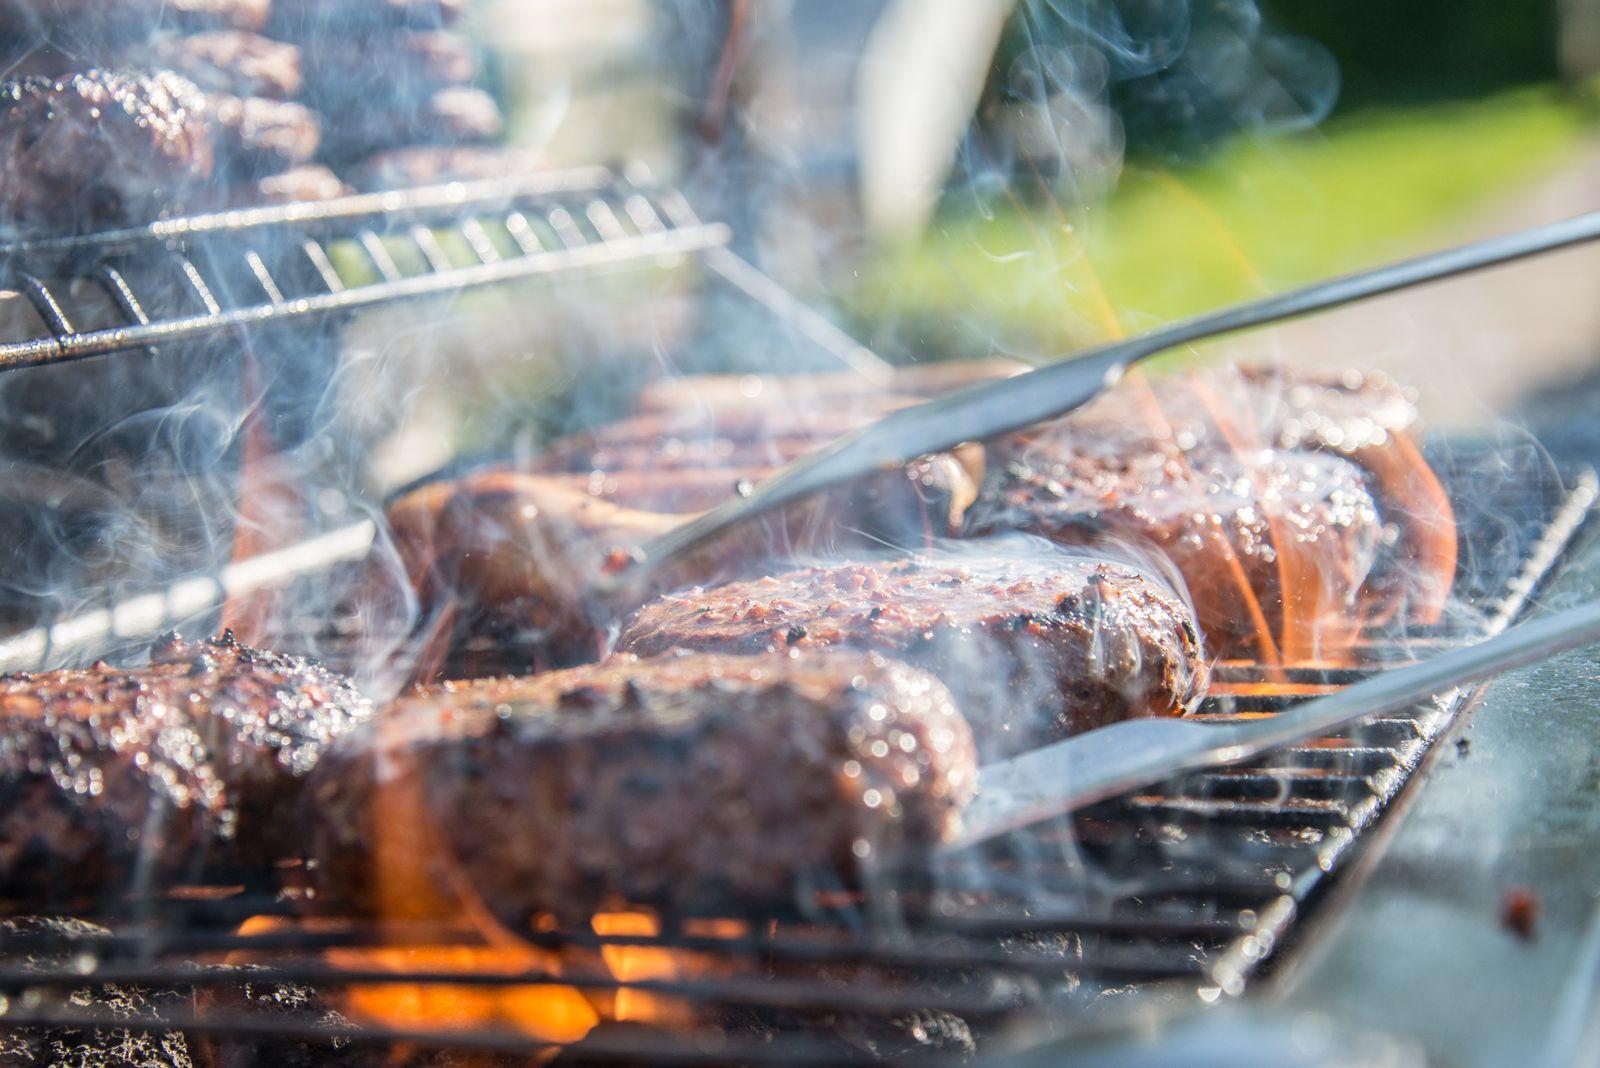 BBQ grill filter